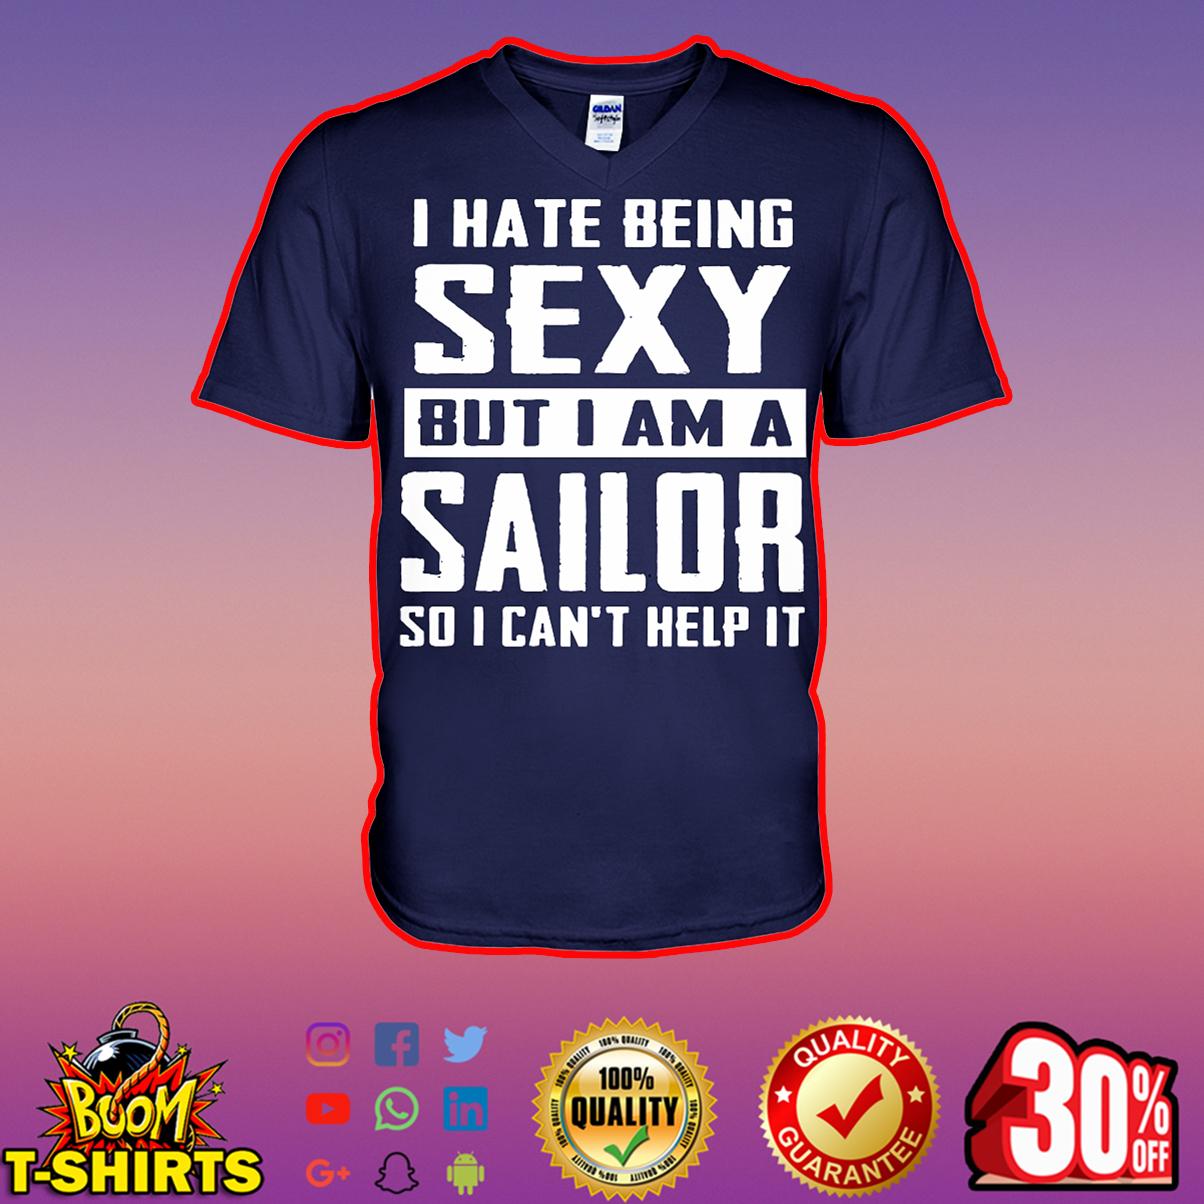 I hate being sexy out I am a Sailor so I can't help it v-neck